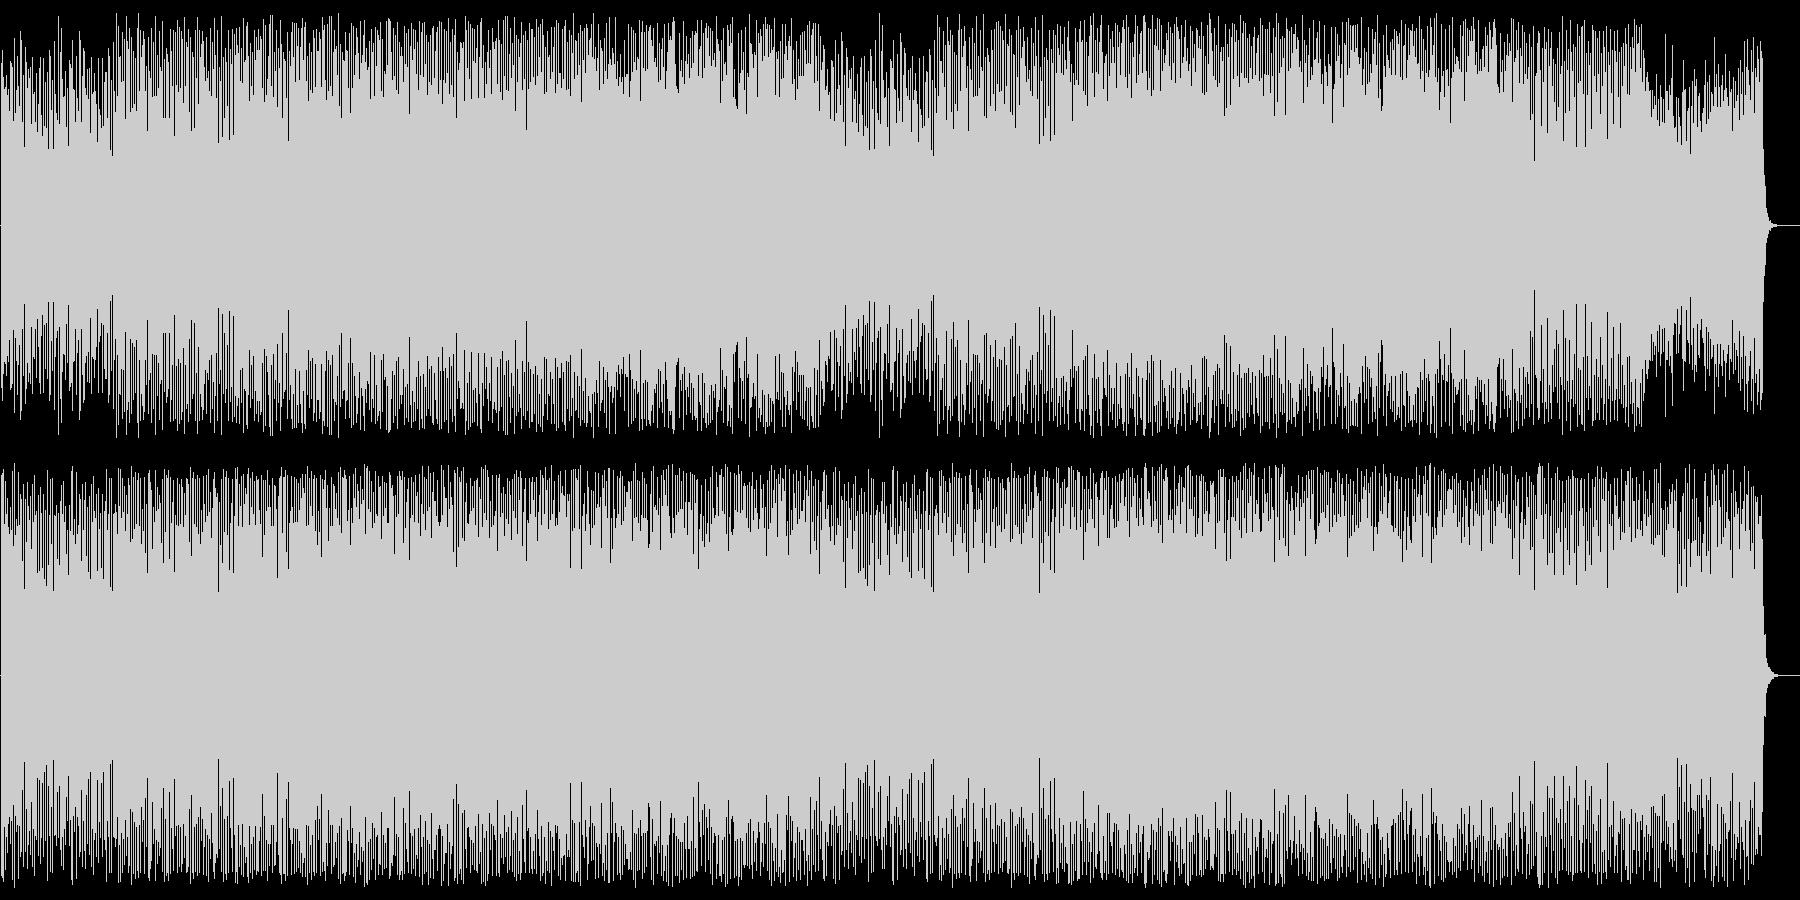 4つ打ちの気持ちの良いボサノバハウスの未再生の波形